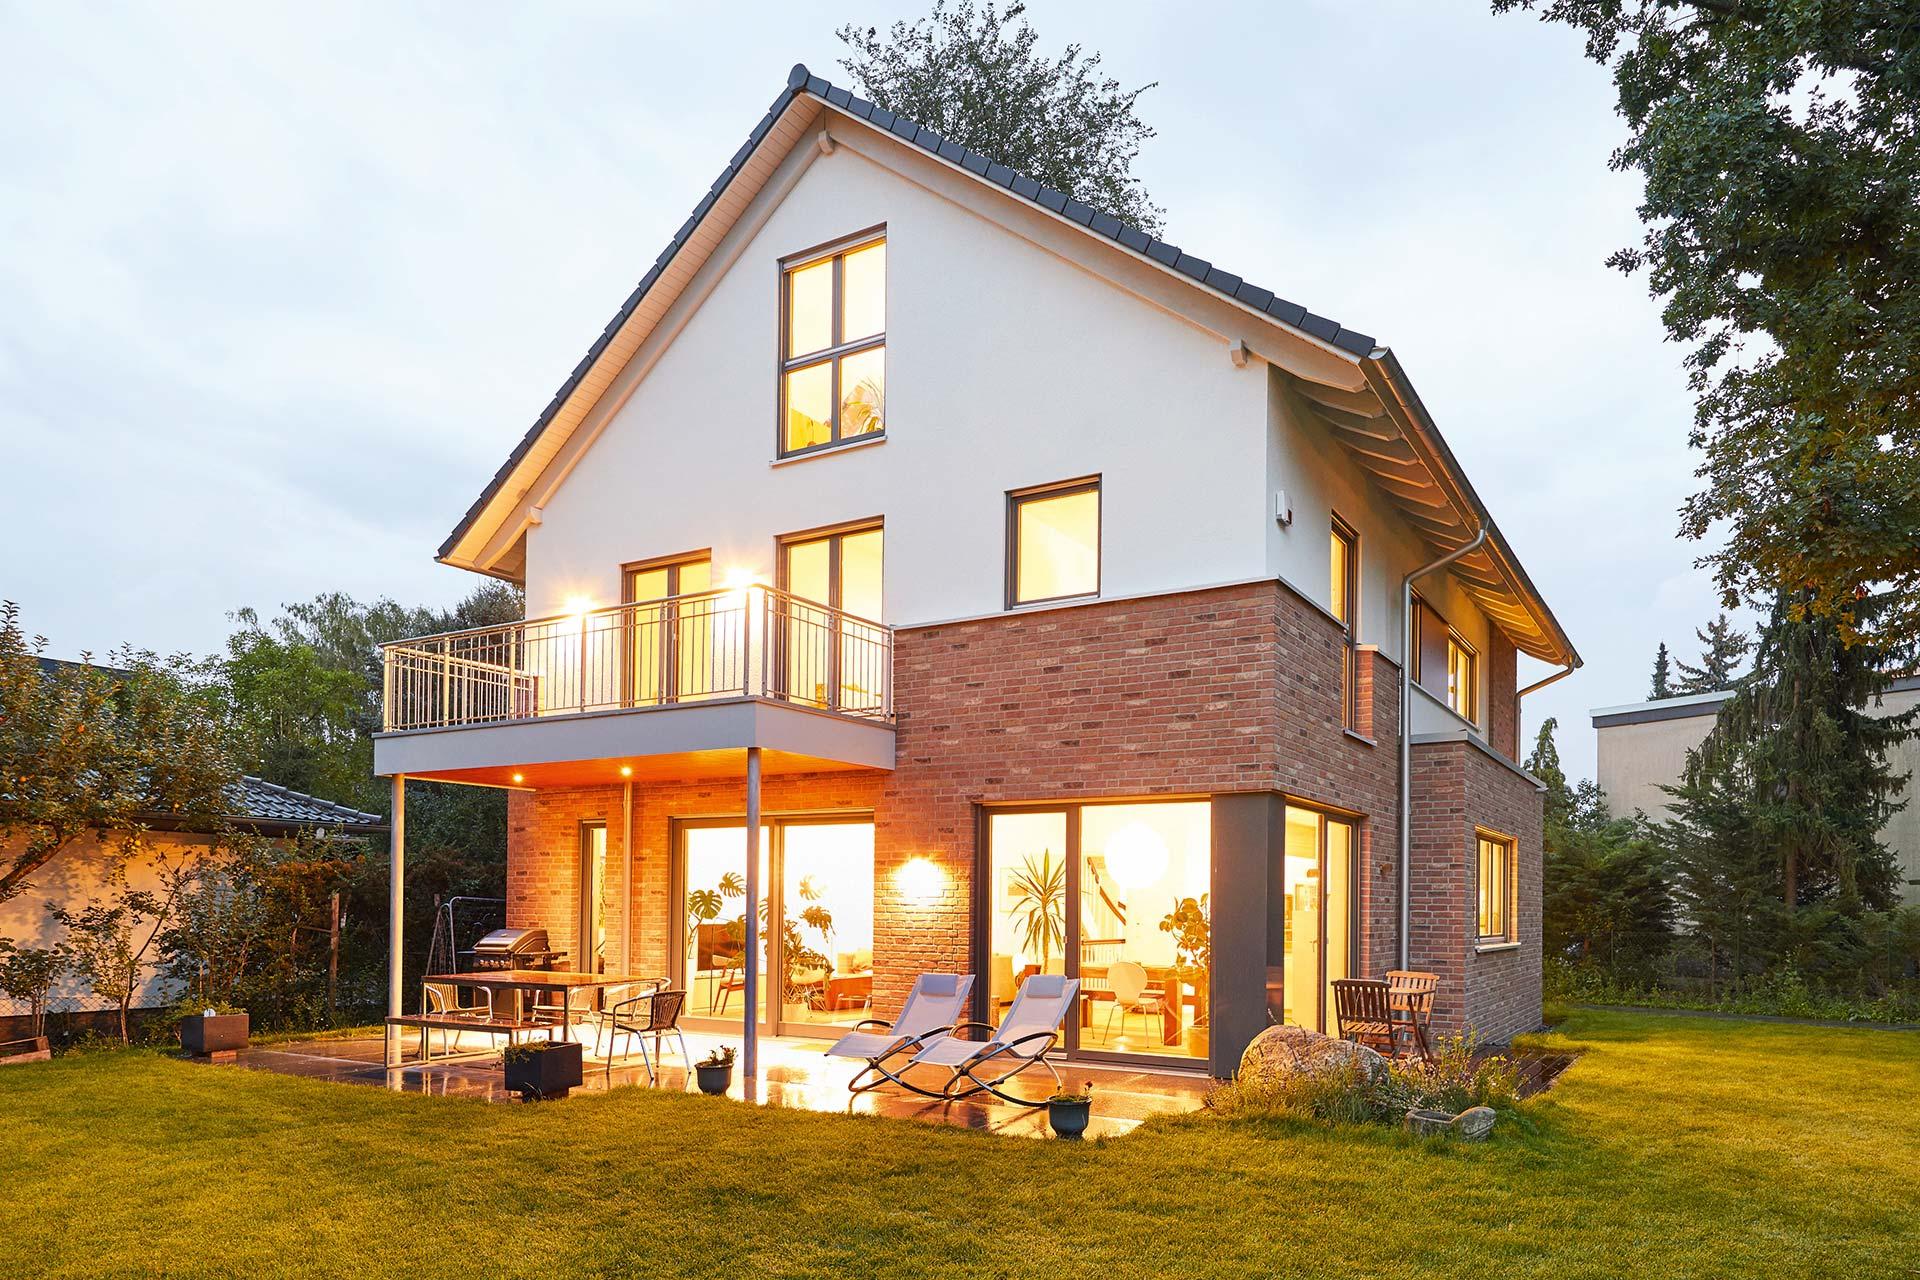 ein traumhaus f r die ganze familie vom keller bis zum dachgeschoss bietet dieses gussek haus. Black Bedroom Furniture Sets. Home Design Ideas